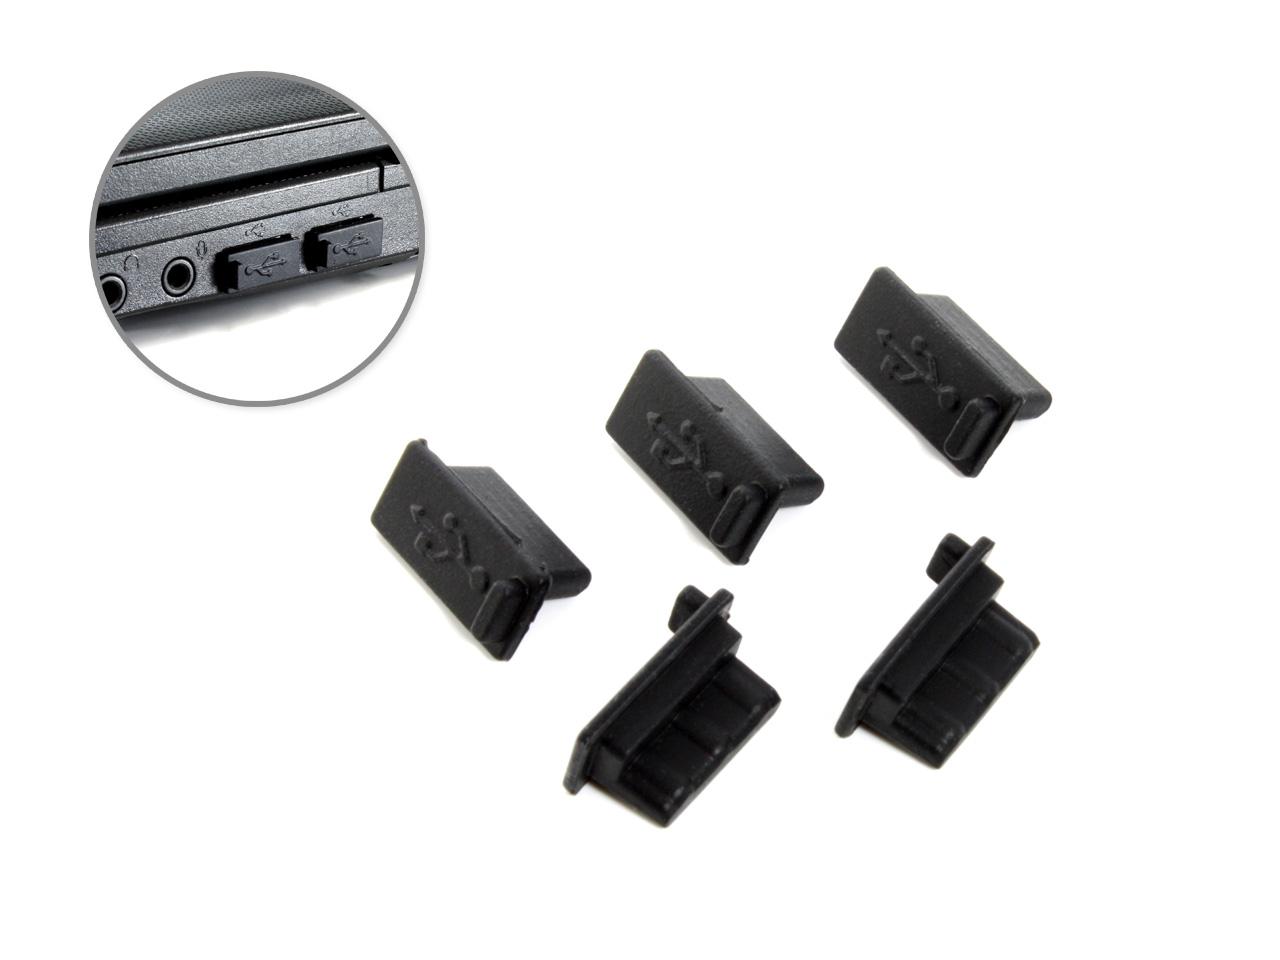 空きポートをホコリや酸化から保護 防塵USBポート保護キャップ ブラック 5個セット USB 端子 コネクタカバー シリコンゴム製 ランキング総合1位 安値 TypeAポート用